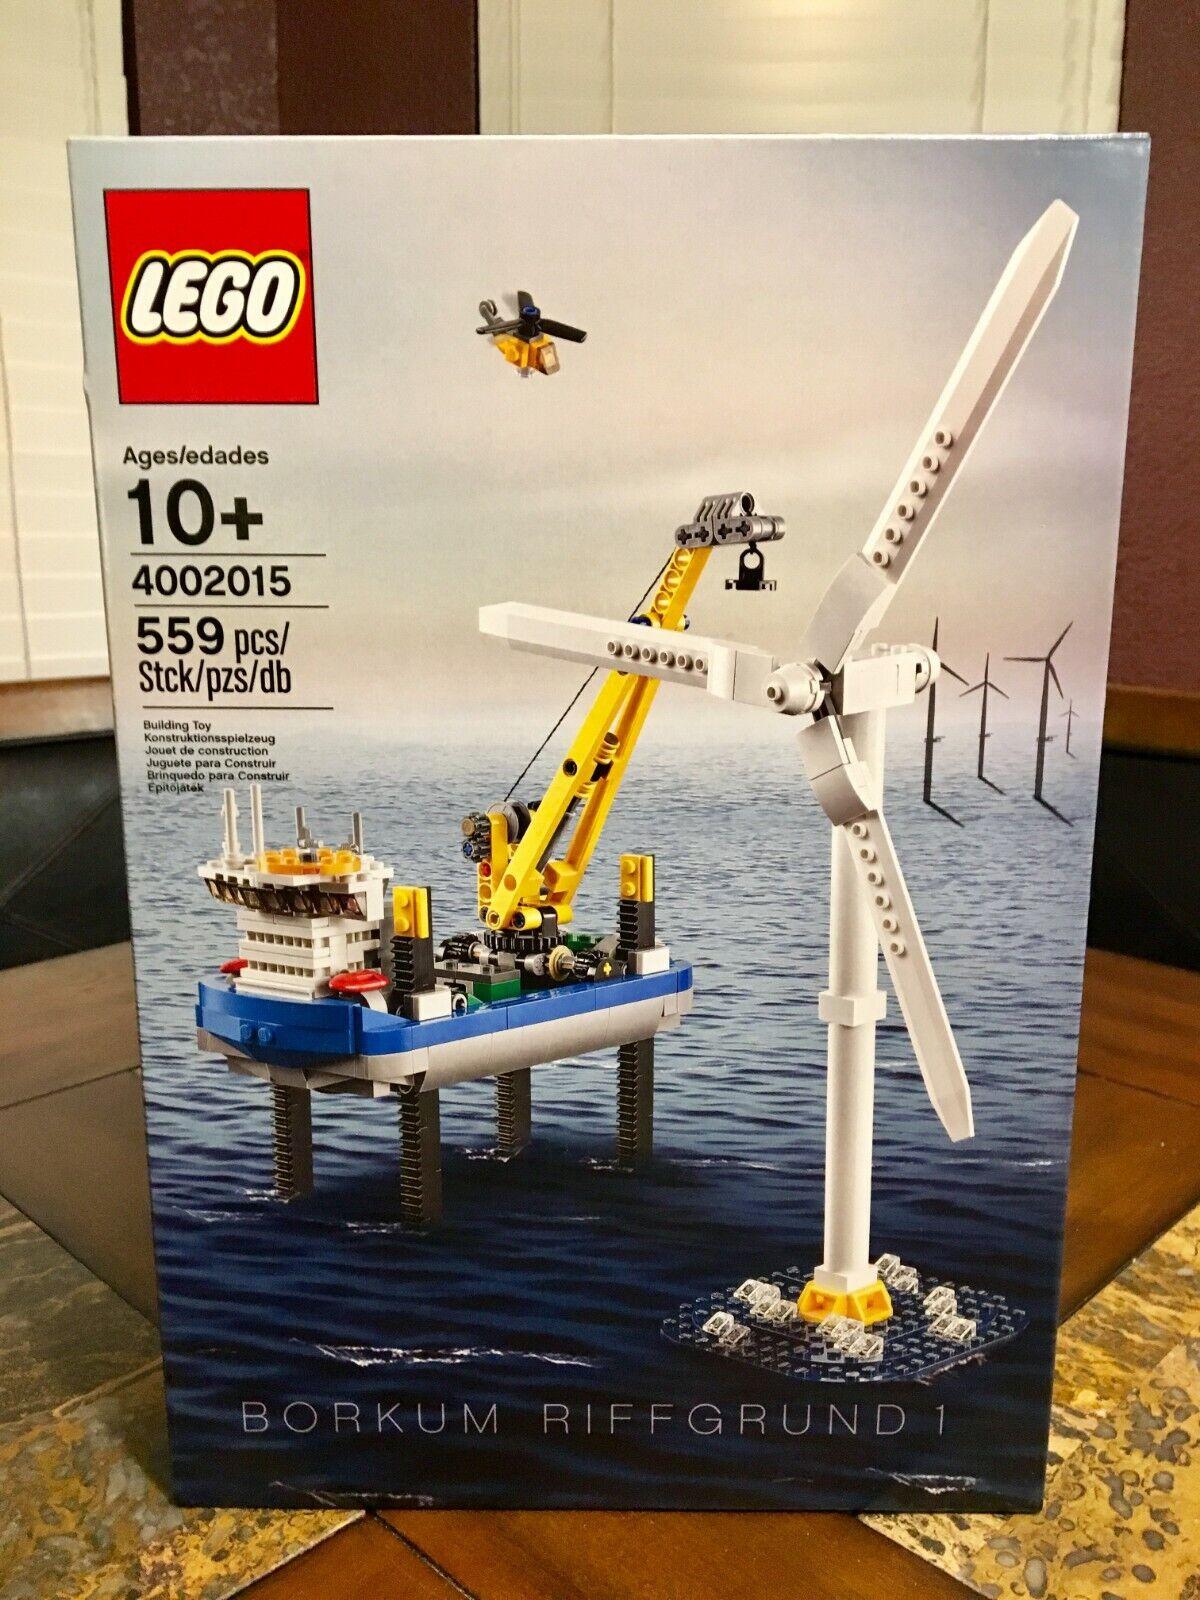 LEGO  BORKUM RIFFGcorrereD 1 WIND TURBINE 4002015 BOAT nuovo XMAS EMPLOYEE GIVE AWAY   presa